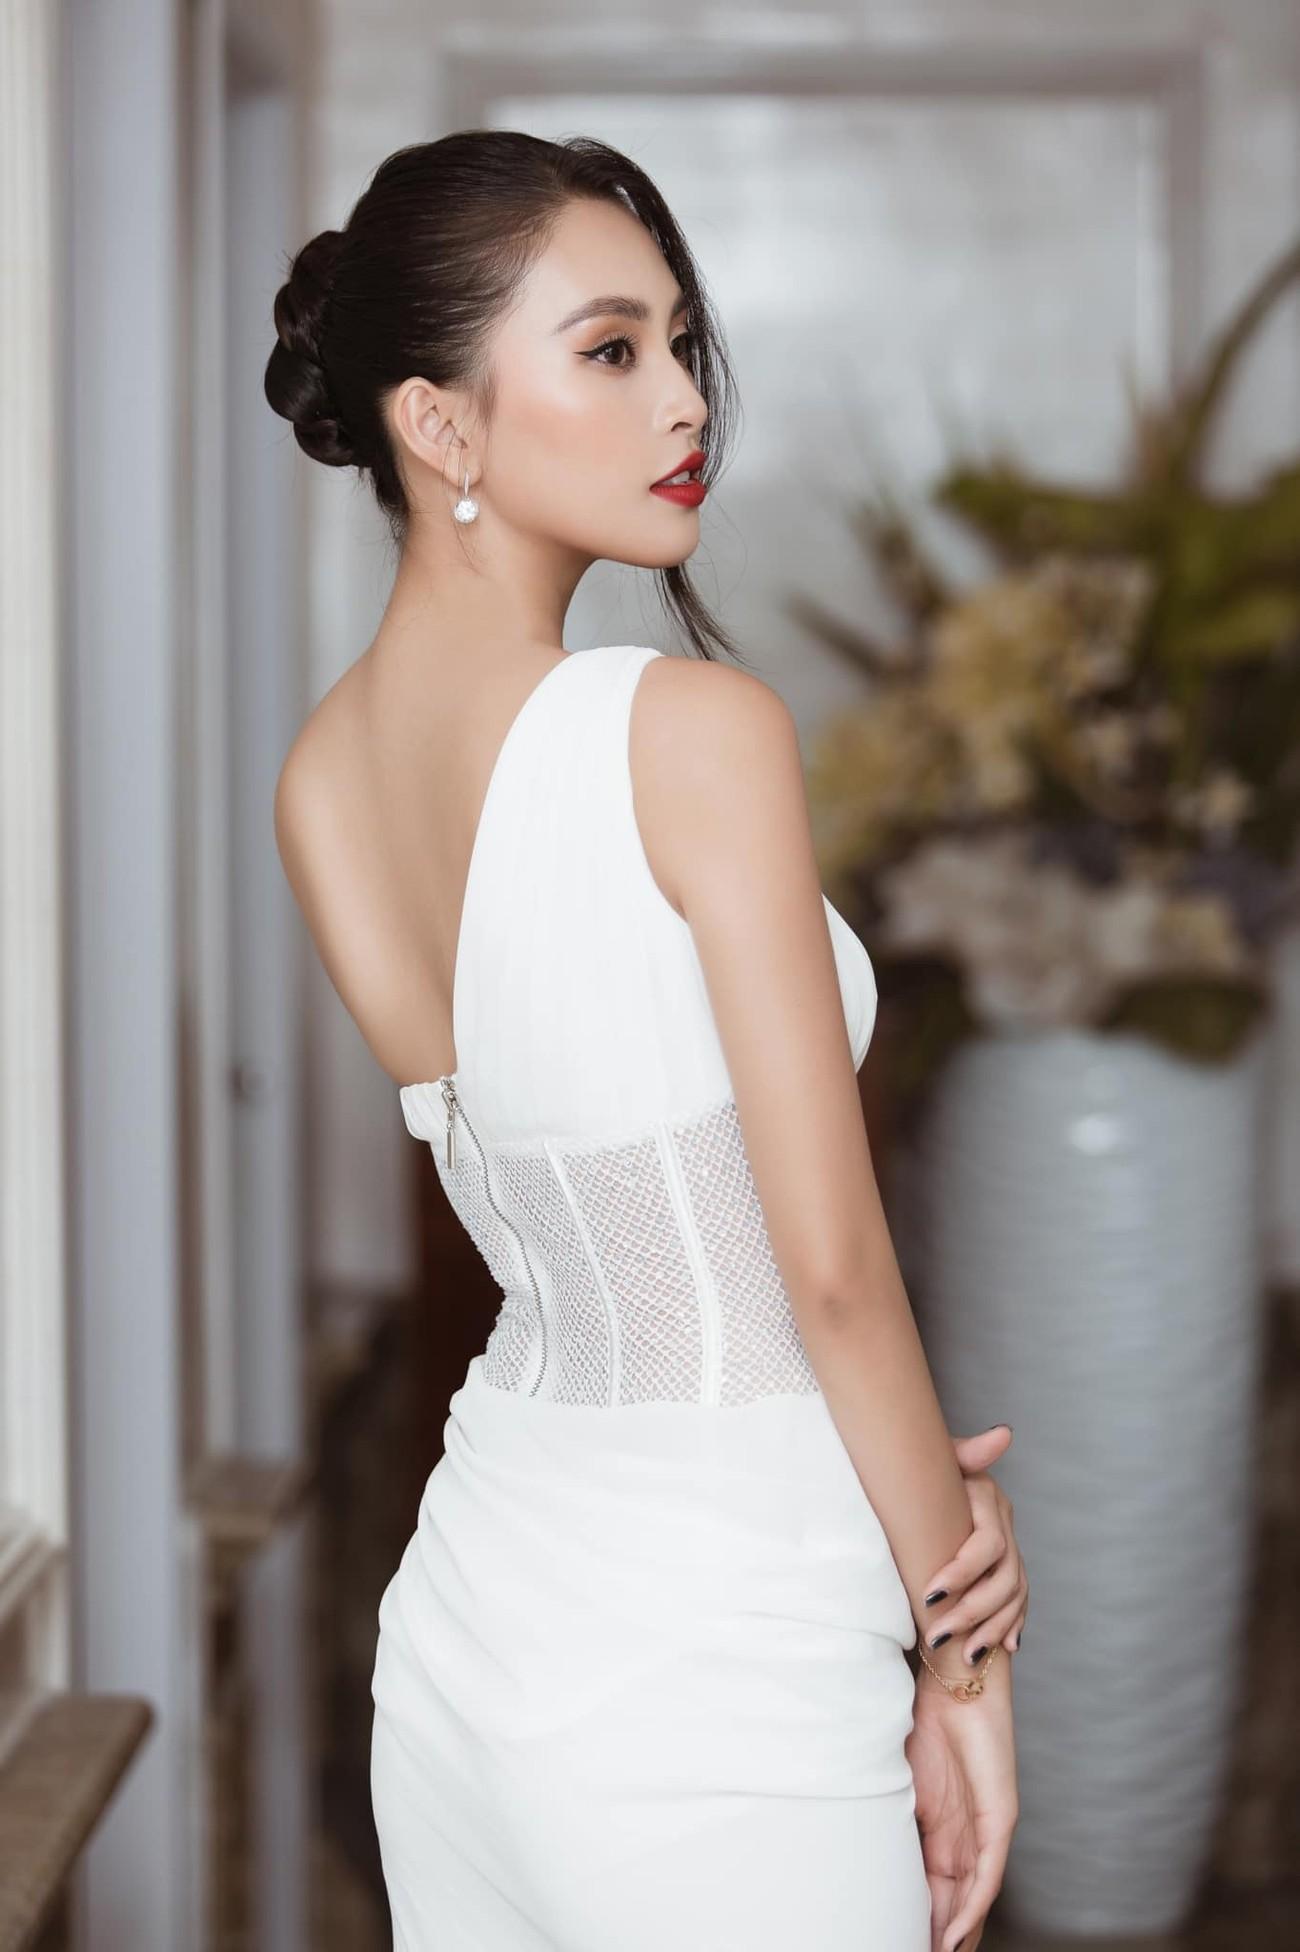 Tiểu Vy, Đỗ Mỹ Linh diện váy cắt xẻ nóng bỏng đọ đường cong đẹp mắt ảnh 2